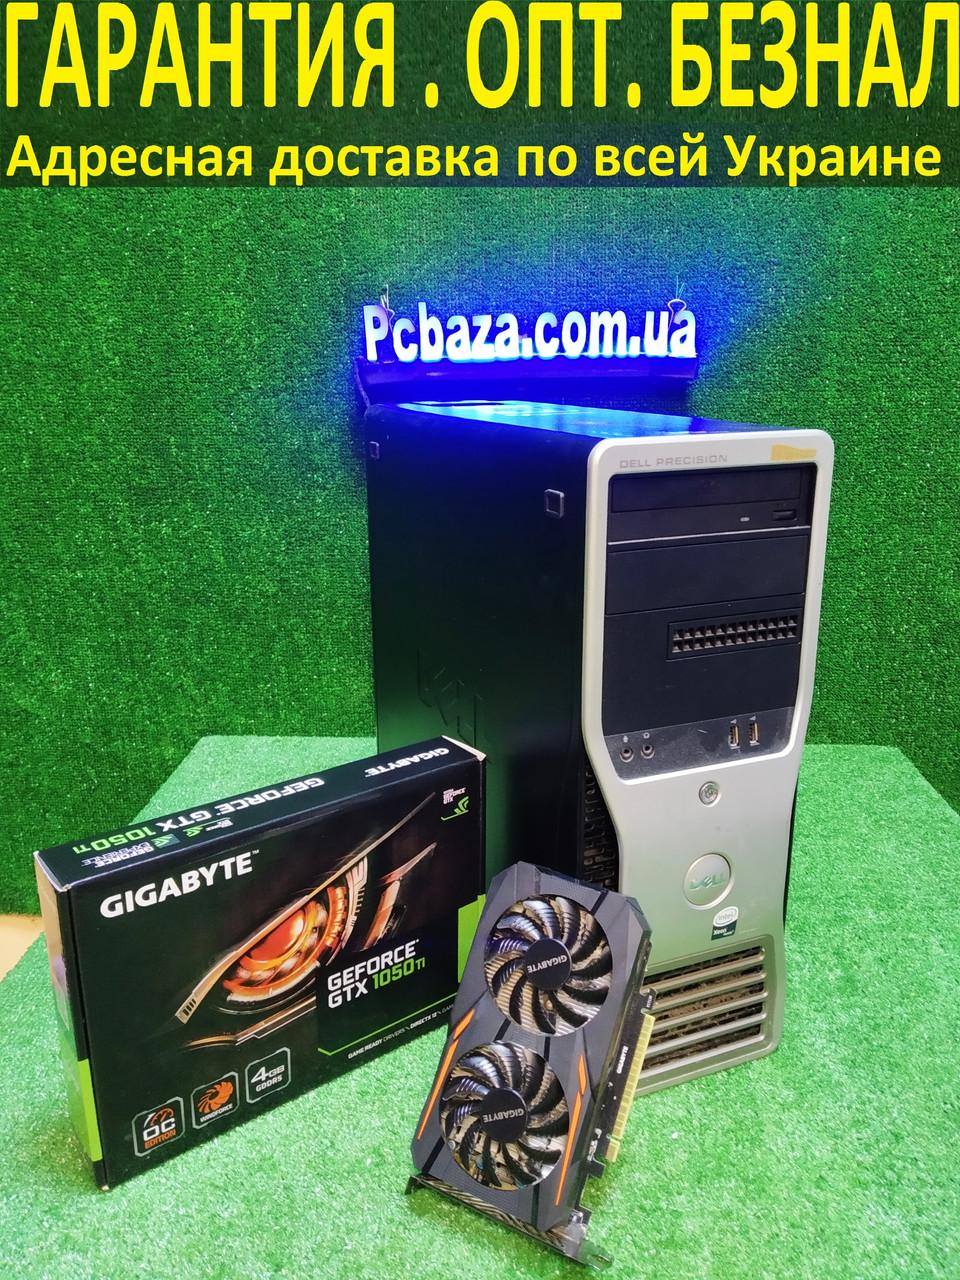 Игровой Настроенный Dell Precision t3500, 6(12) ядер, Core i7 (Xeon) 24gb ОЗУ, 500GB HDD, GTX 1050 Ti 4 GB